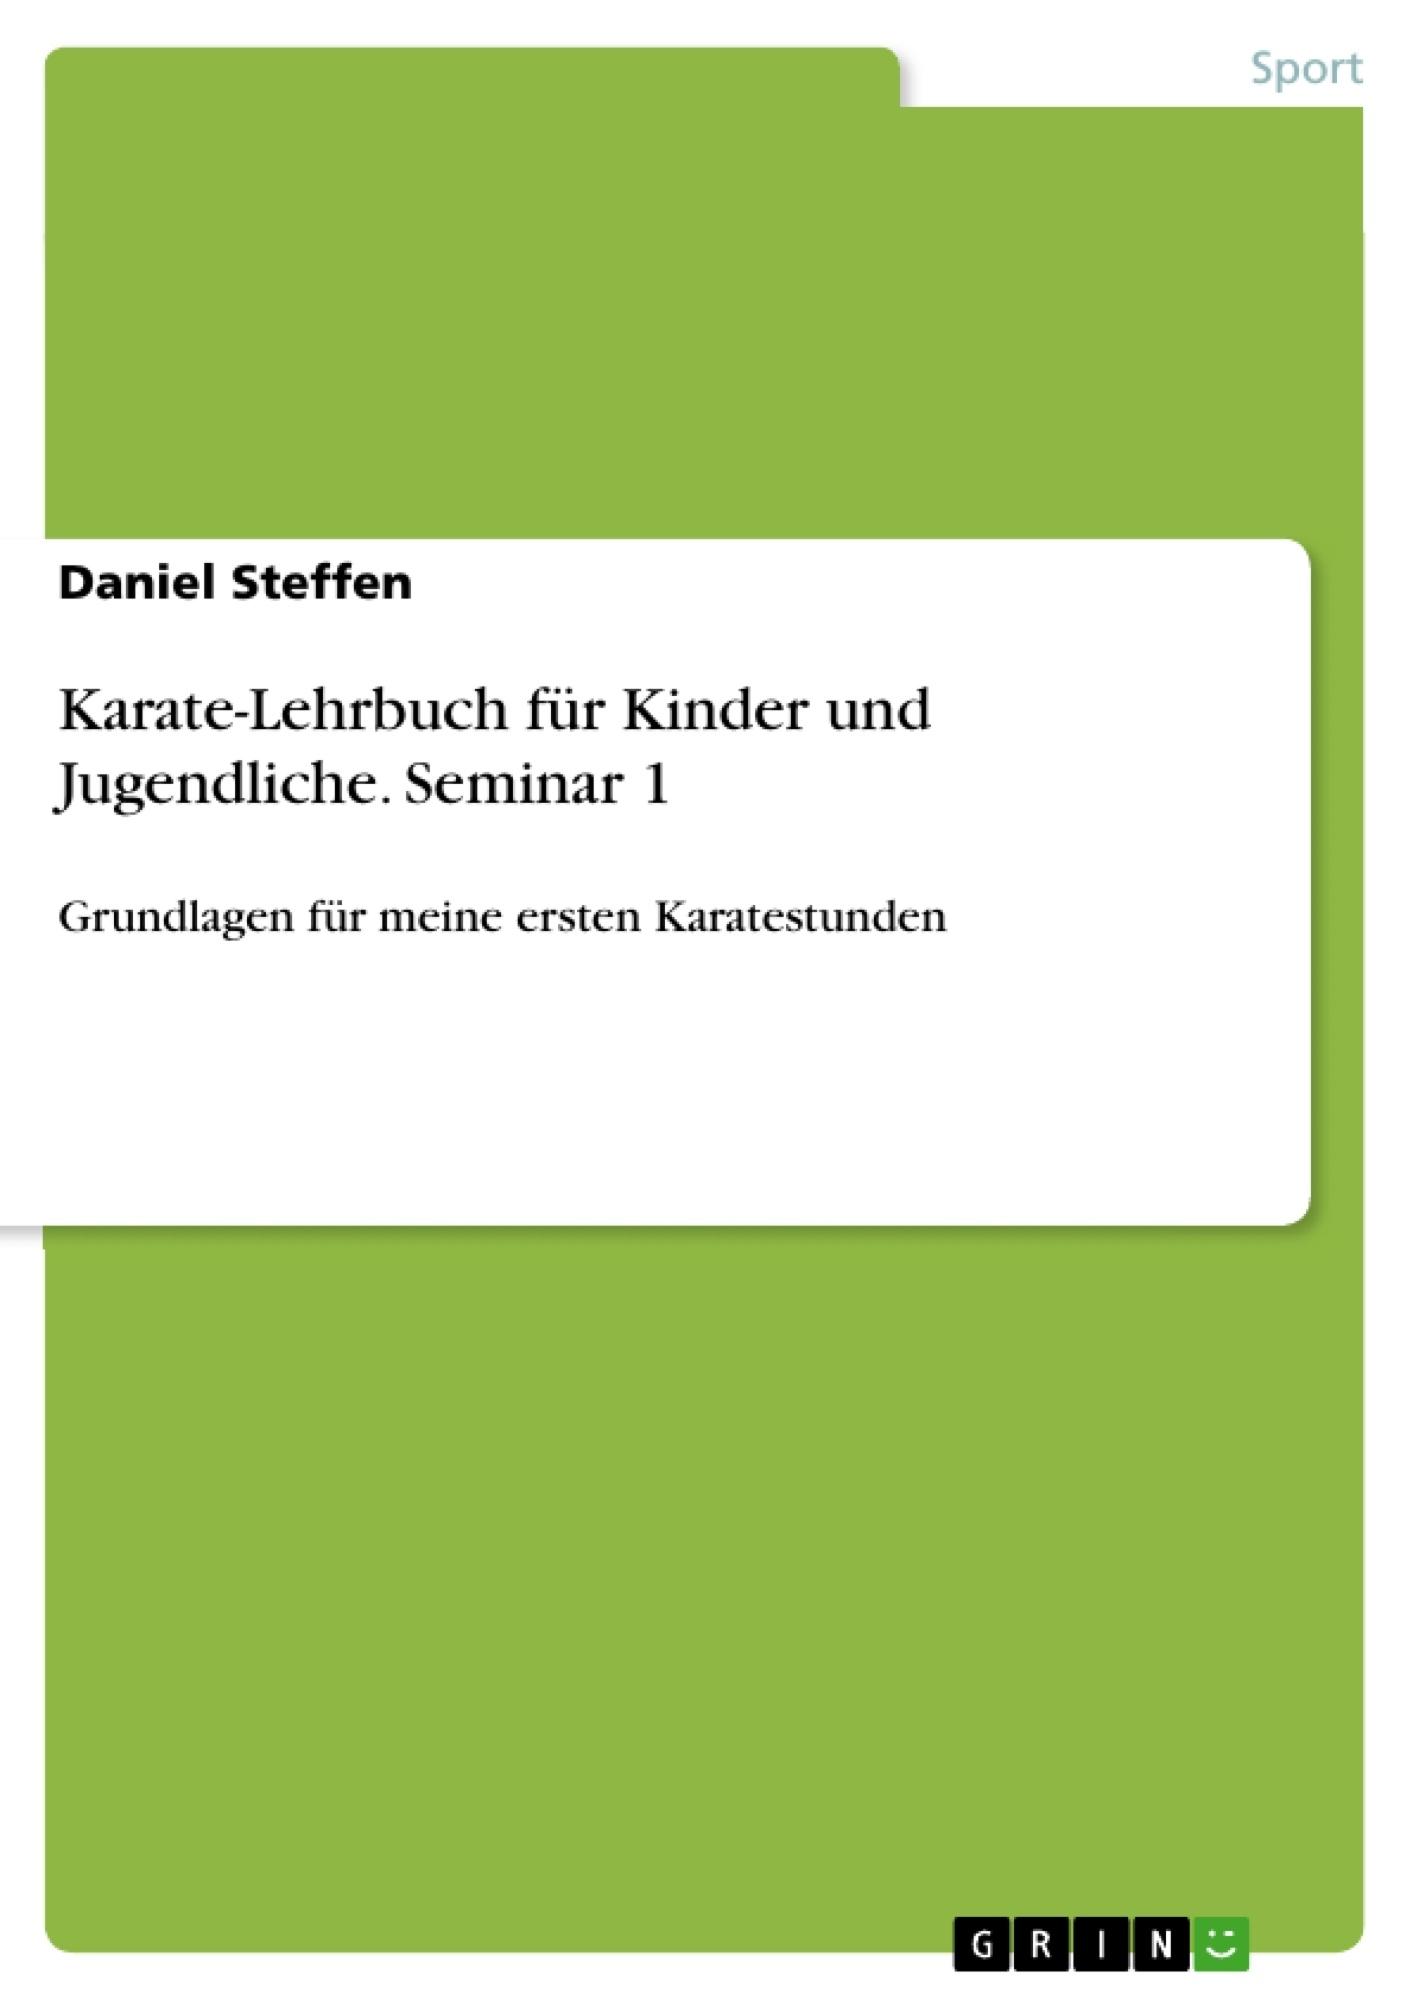 Titel: Karate-Lehrbuch für Kinder und Jugendliche. Seminar 1